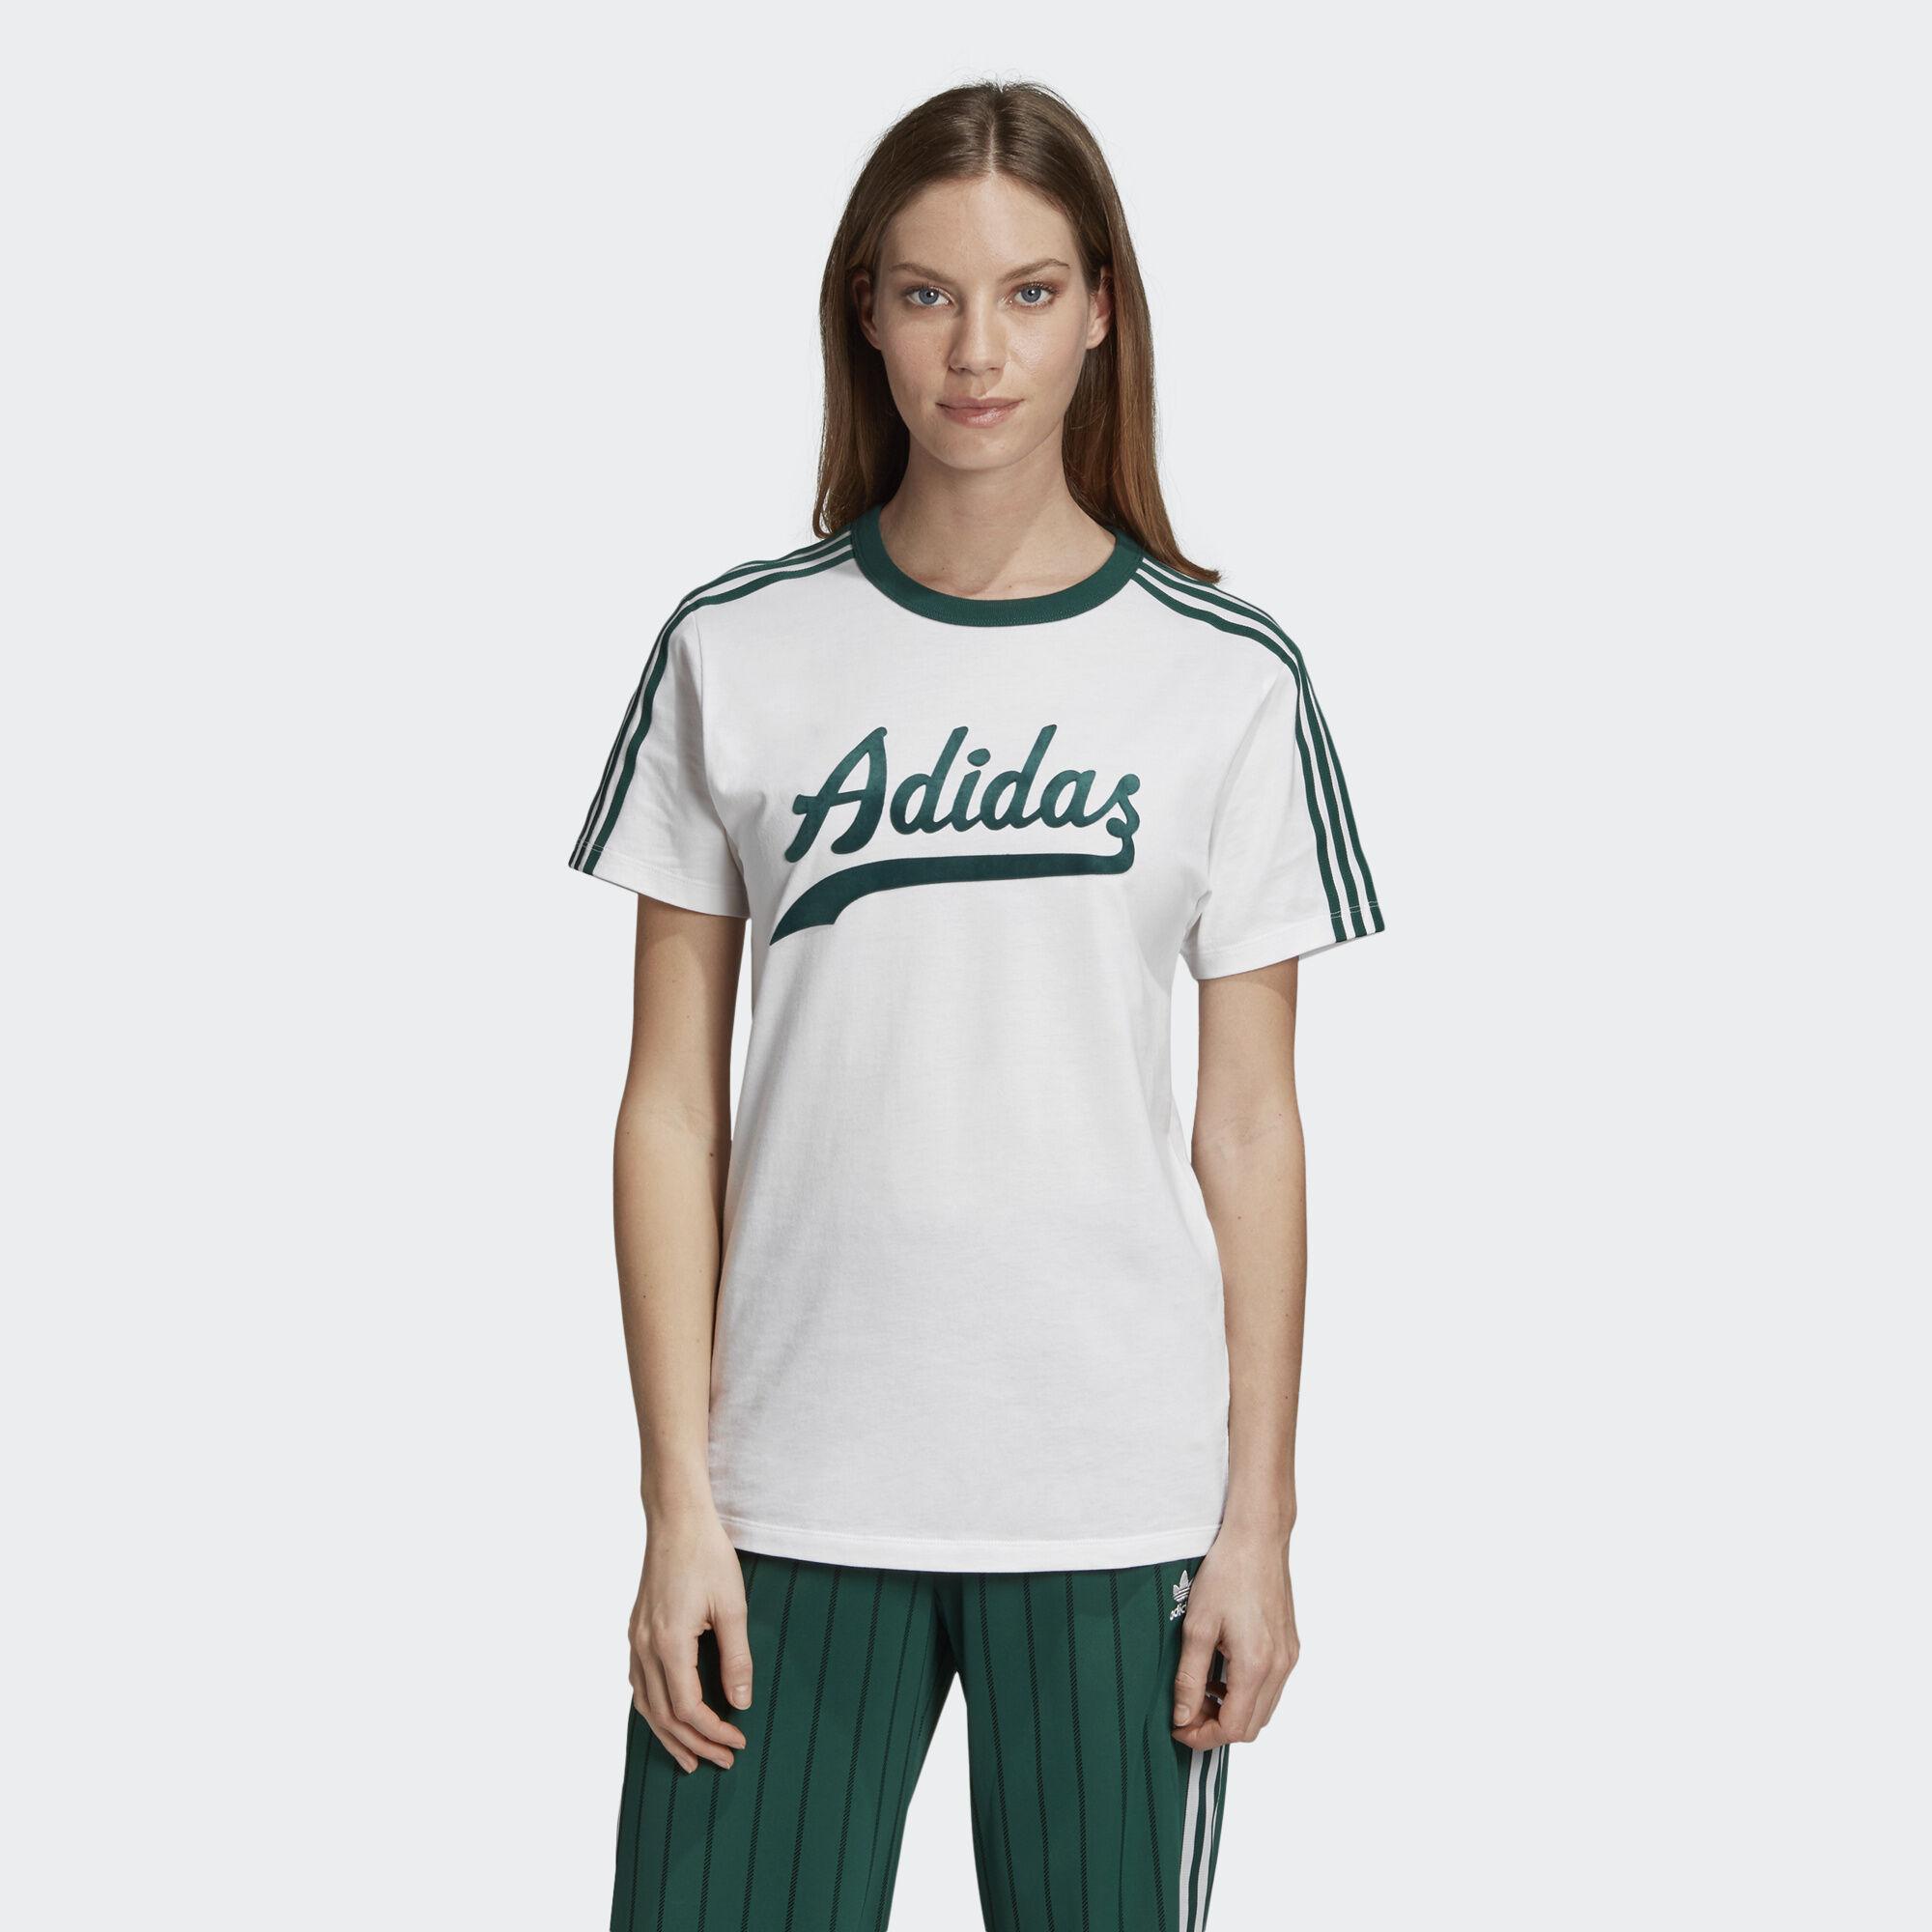 Regional Adidas White Adidas White Camiseta Camiseta Regional Camiseta q7pO7